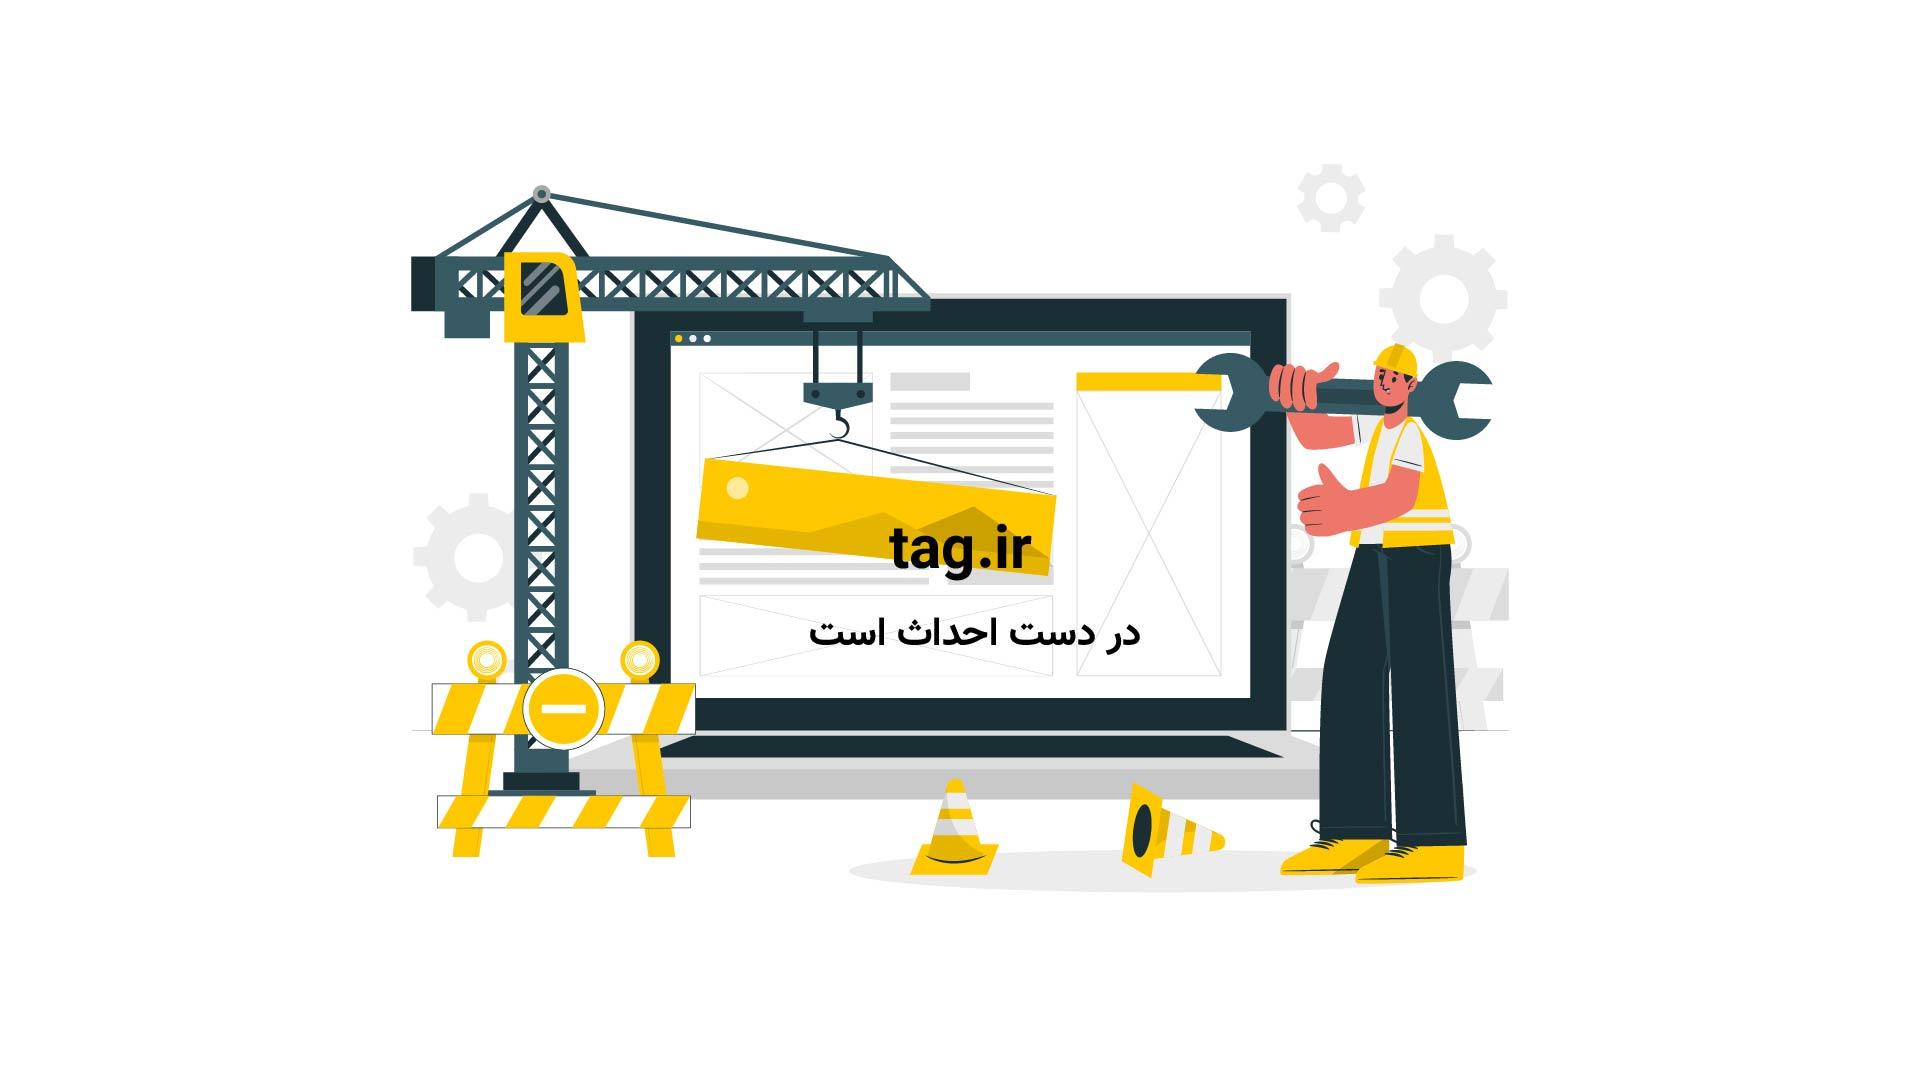 شمع پرتقال | تگ